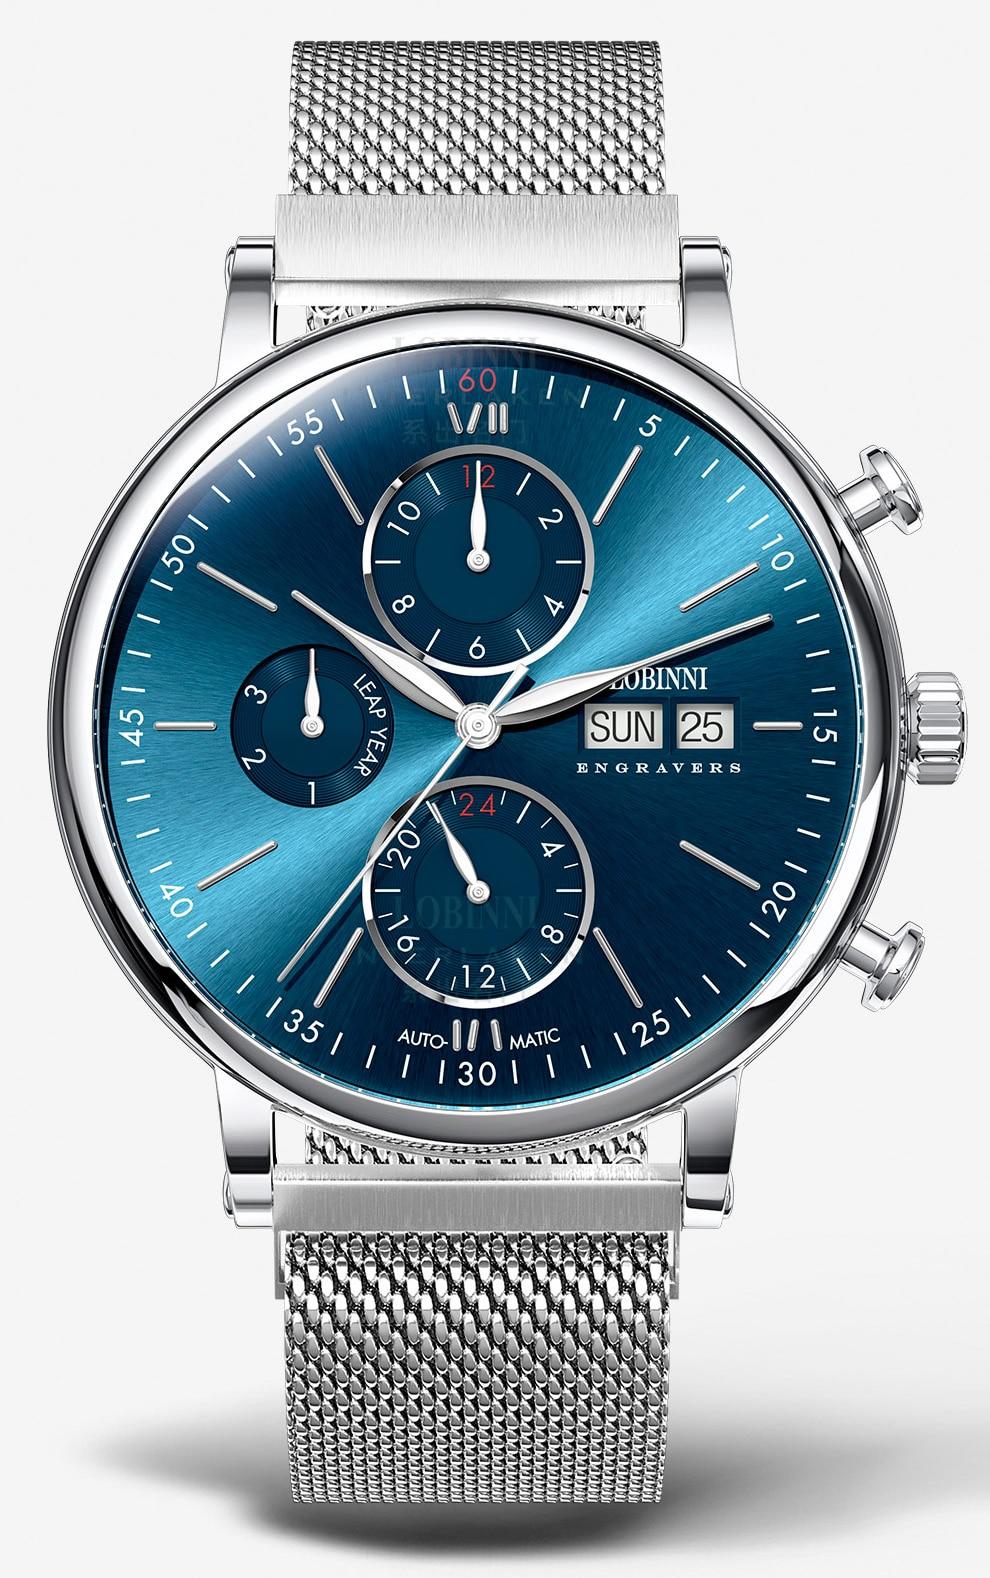 Hd17ecca9d93541ec9ac283597cff37c0P Switzerland LOBINNI Men Watches Luxury Brand Perpetual Calender Auto Mechanical Men's Clock Sapphire Leather relogio L13019-6